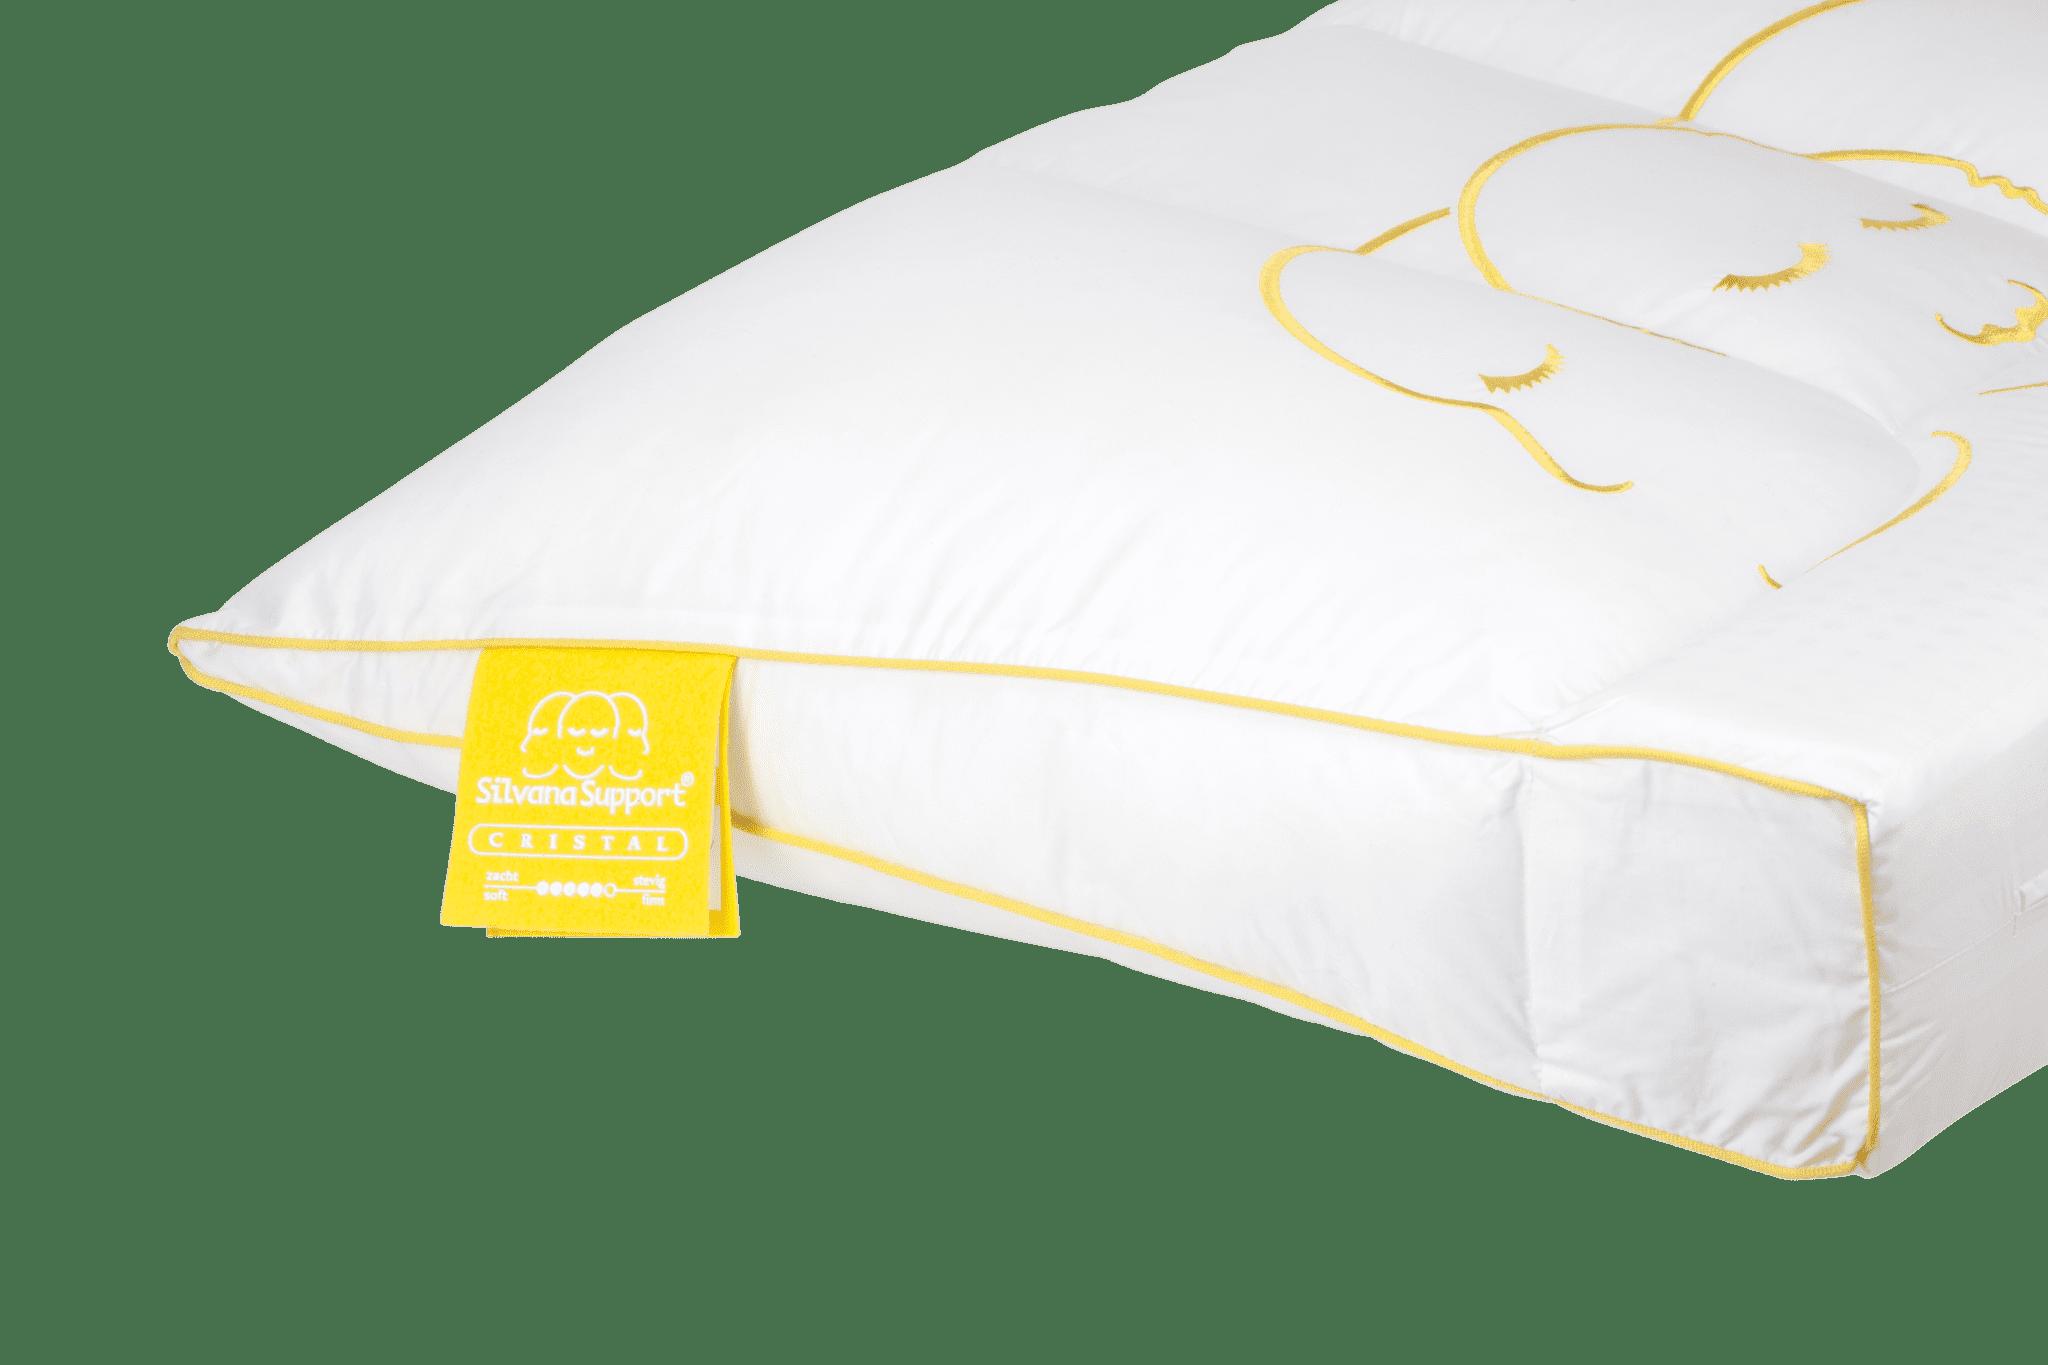 Silvana support cristal geel slaap er op